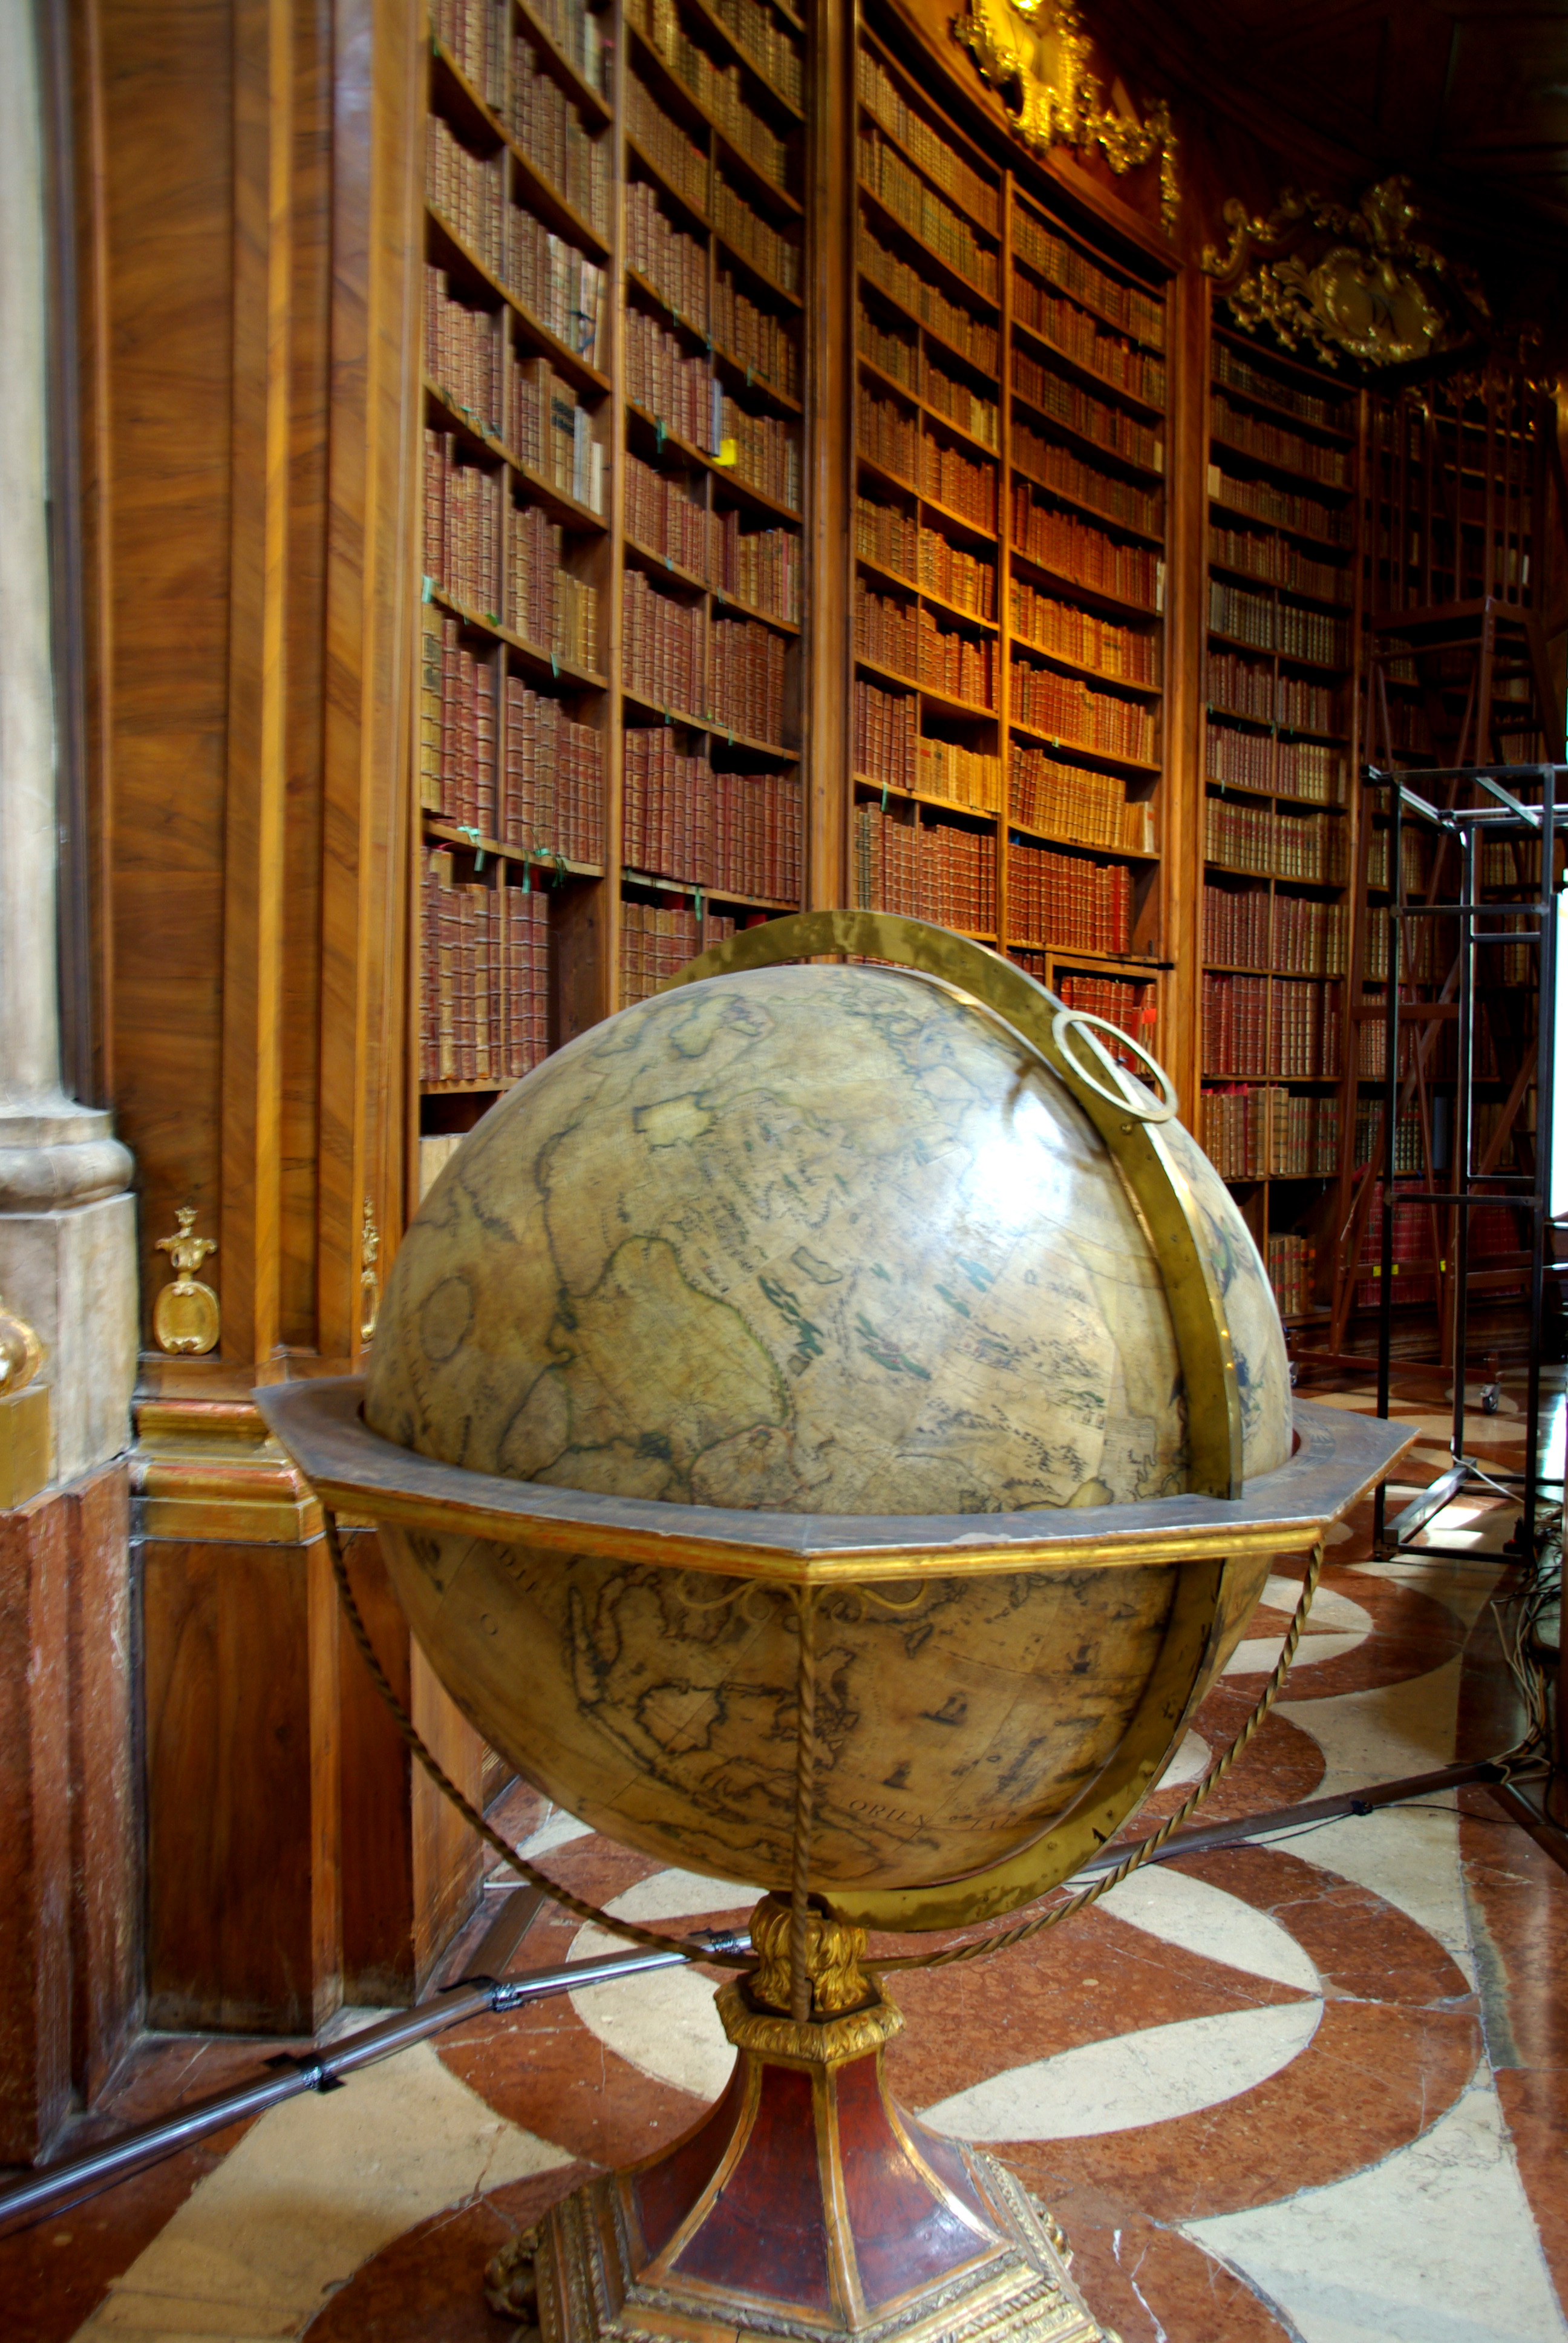 Мраморный пол, старинный глобус – и книги, книги, книги на стеллажах из дорогих пород дерева с позолотой. Источник https://upload.wikimedia.org/